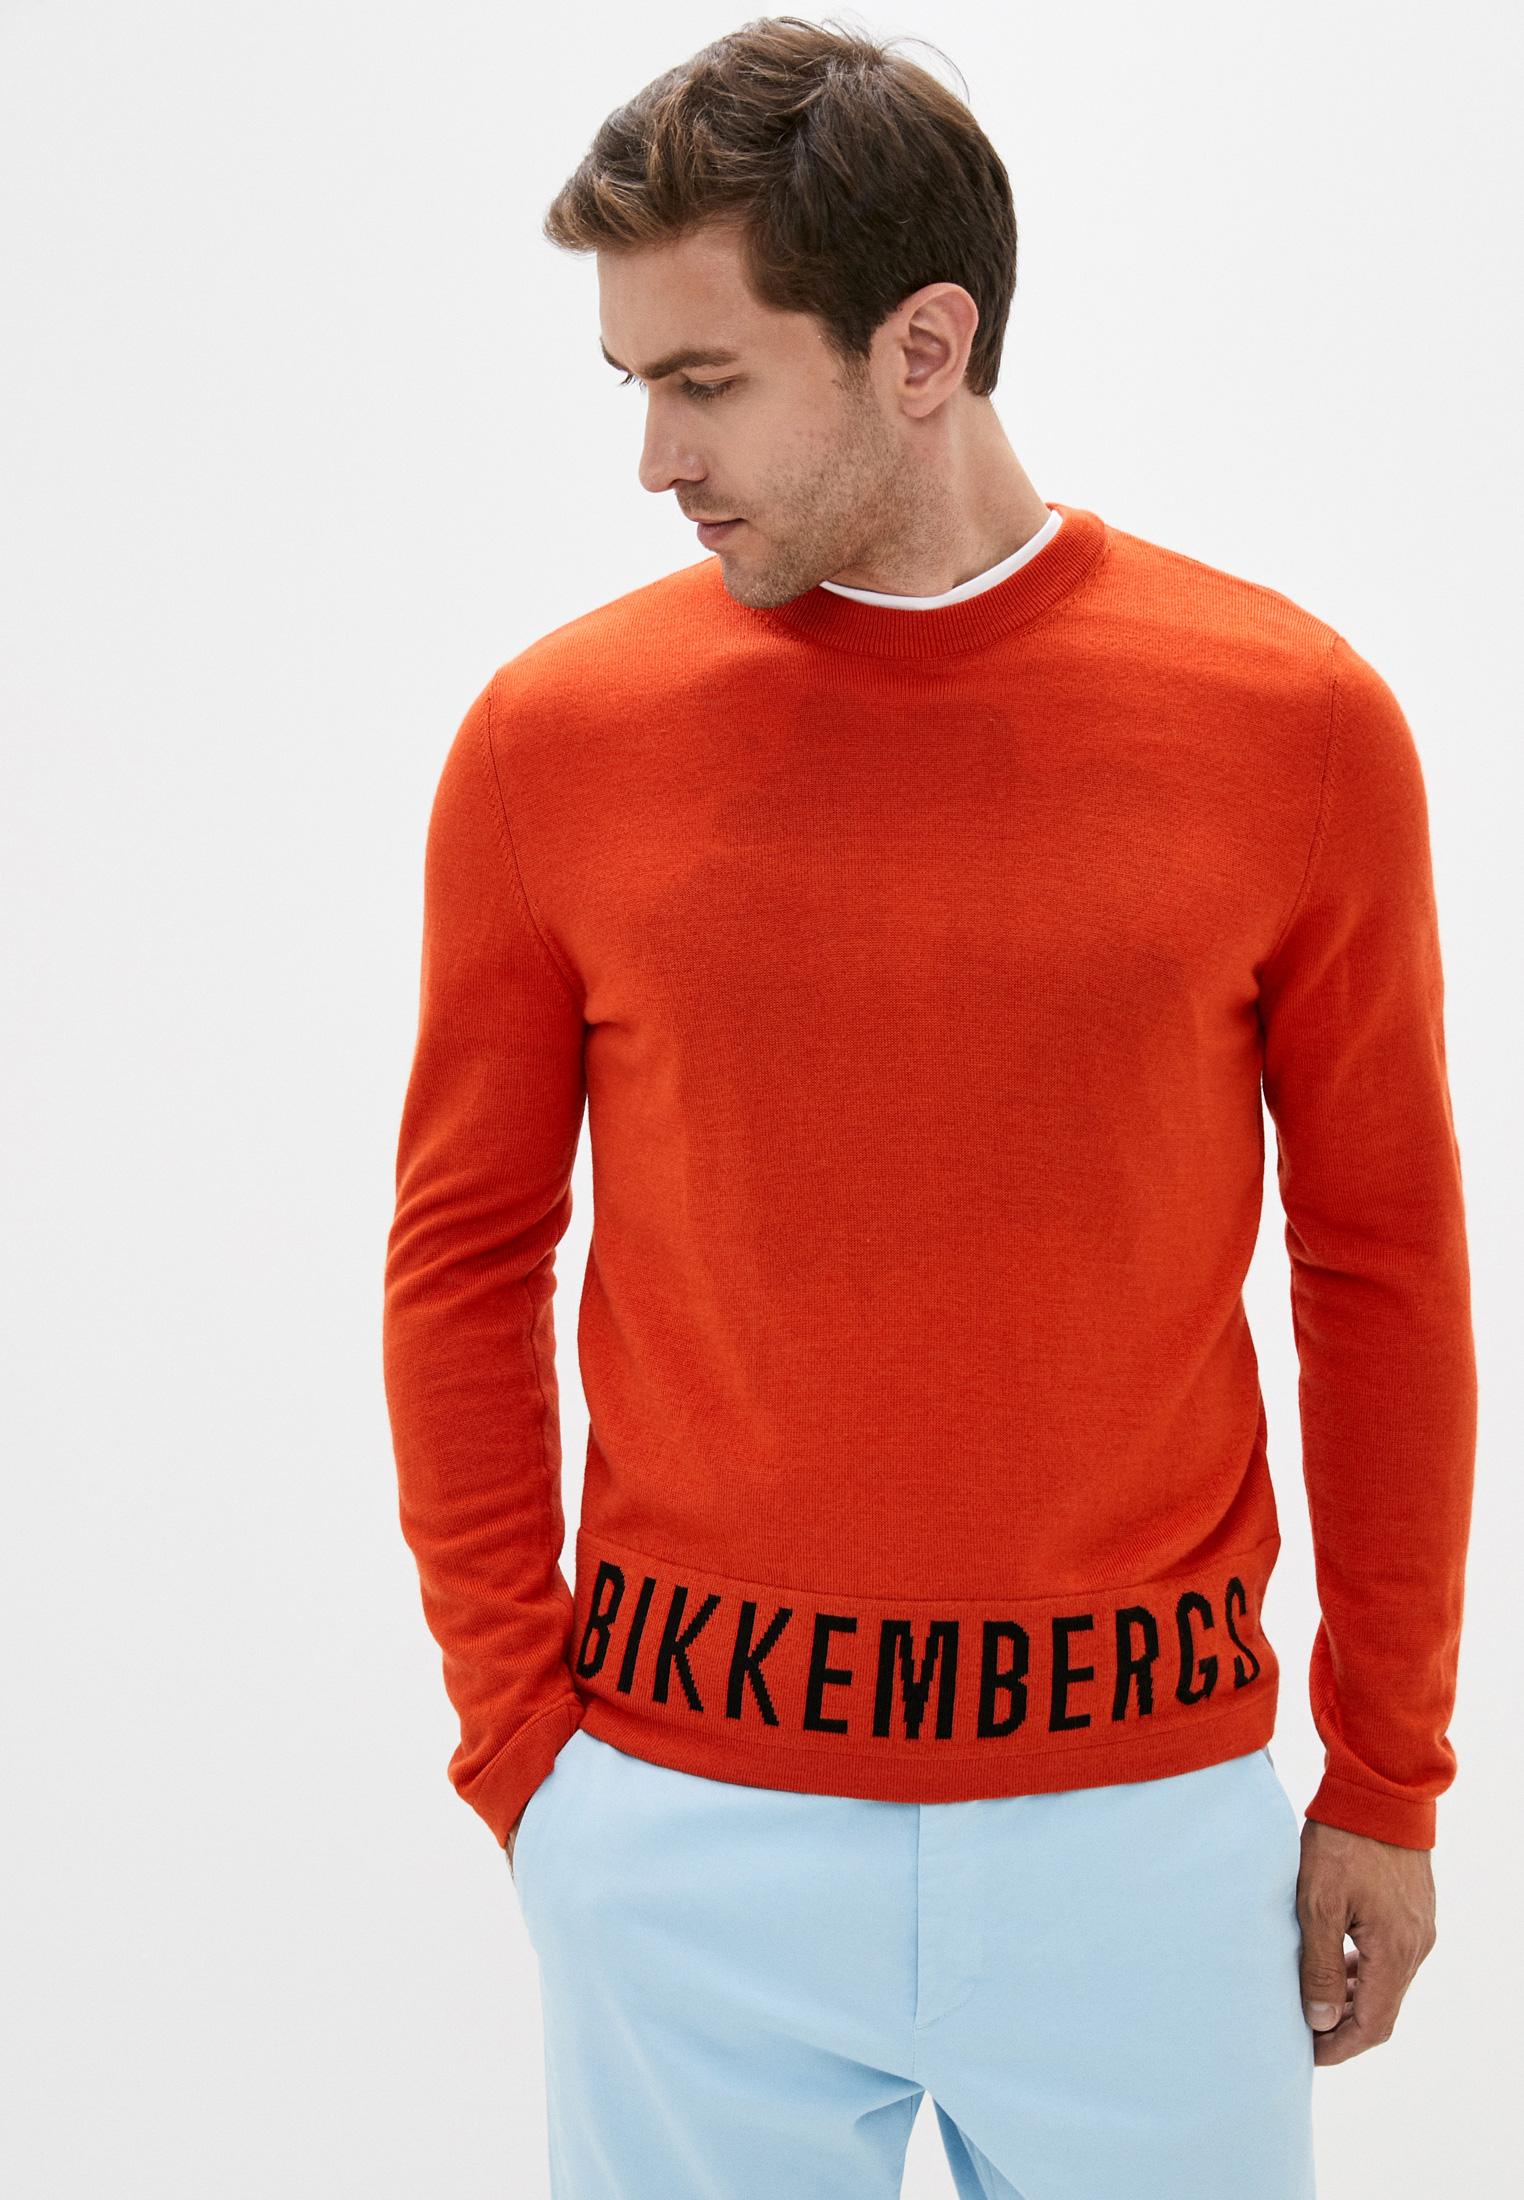 Джемпер Bikkembergs (Биккембергс) C S G83 10 X 1306